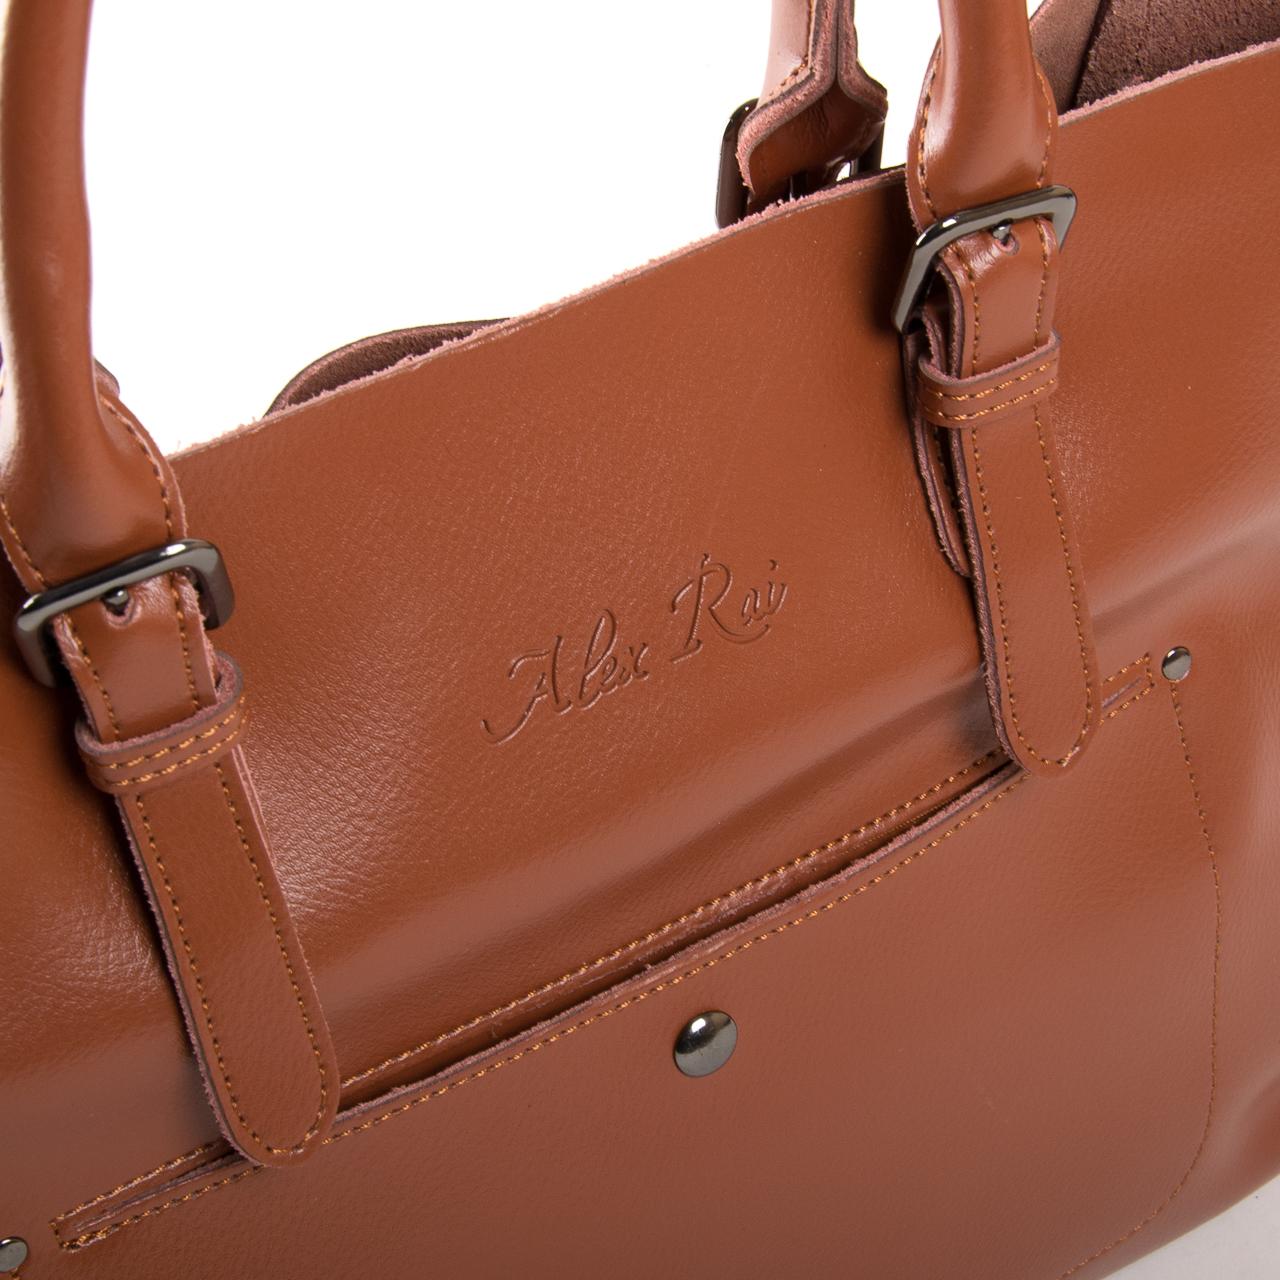 Сумка Женская Классическая кожа ALEX RAI 9-02 8223 yellowish-brown - фото 3